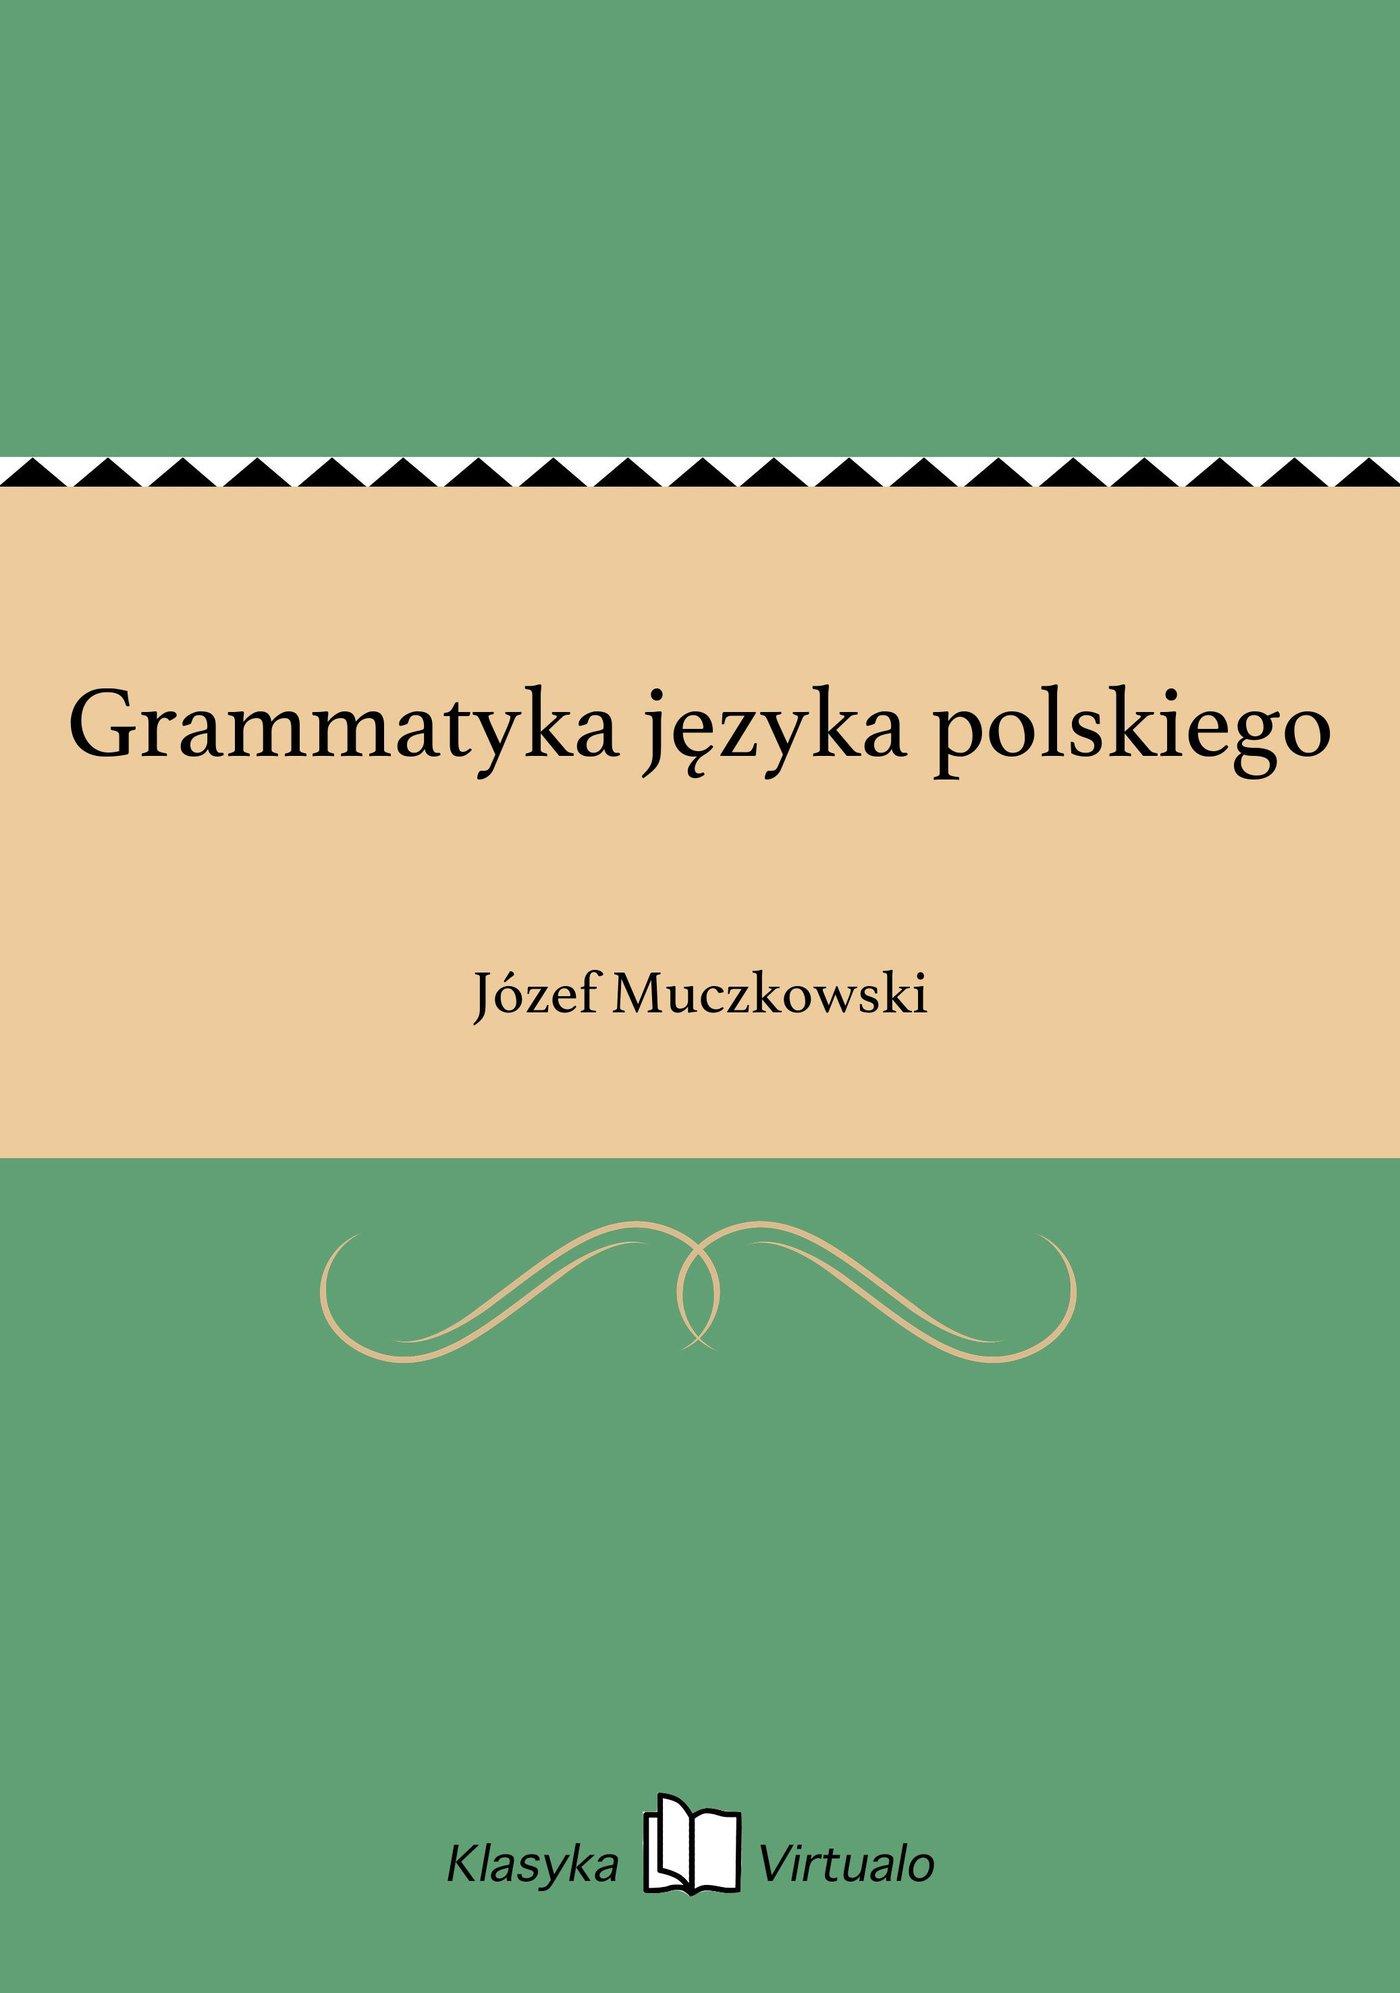 Grammatyka języka polskiego - Ebook (Książka EPUB) do pobrania w formacie EPUB